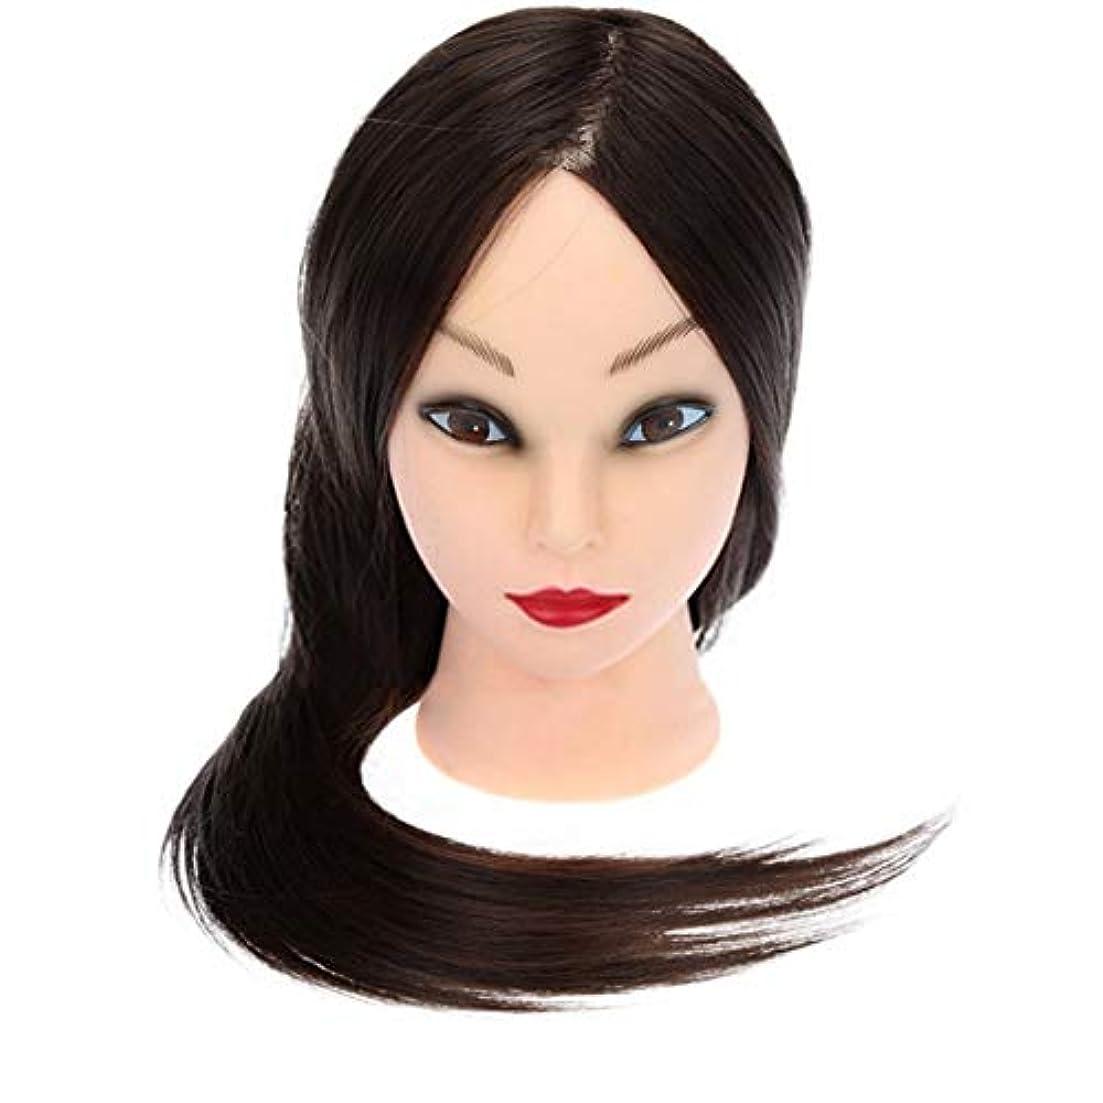 リーチ磁気優勢練習ディスク髪編組ヘアモデル理髪店スクールティーチングヘッドロングかつら美容マネキンヘッド